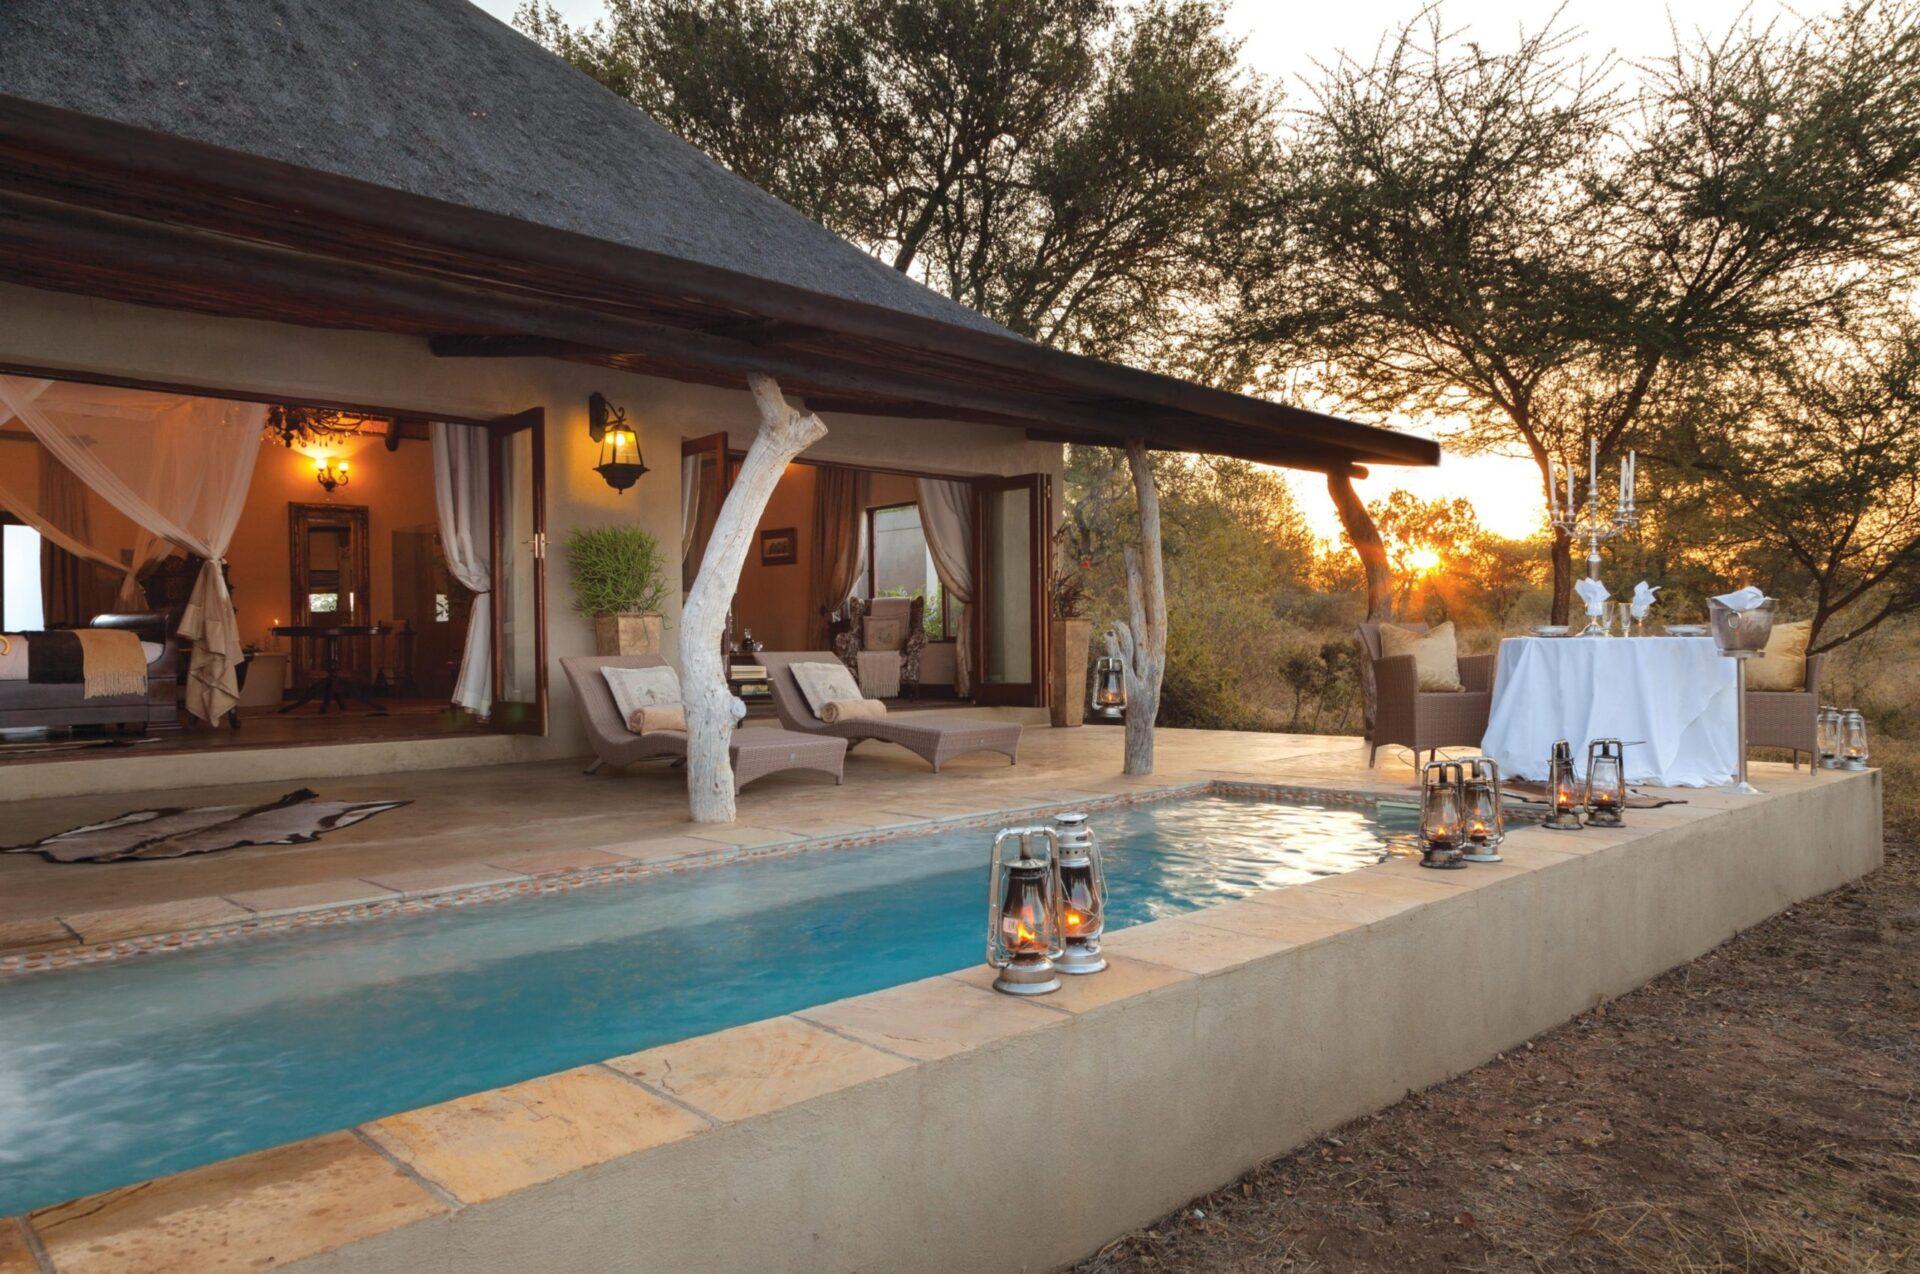 4 Day Kings Camp Luxury Safari